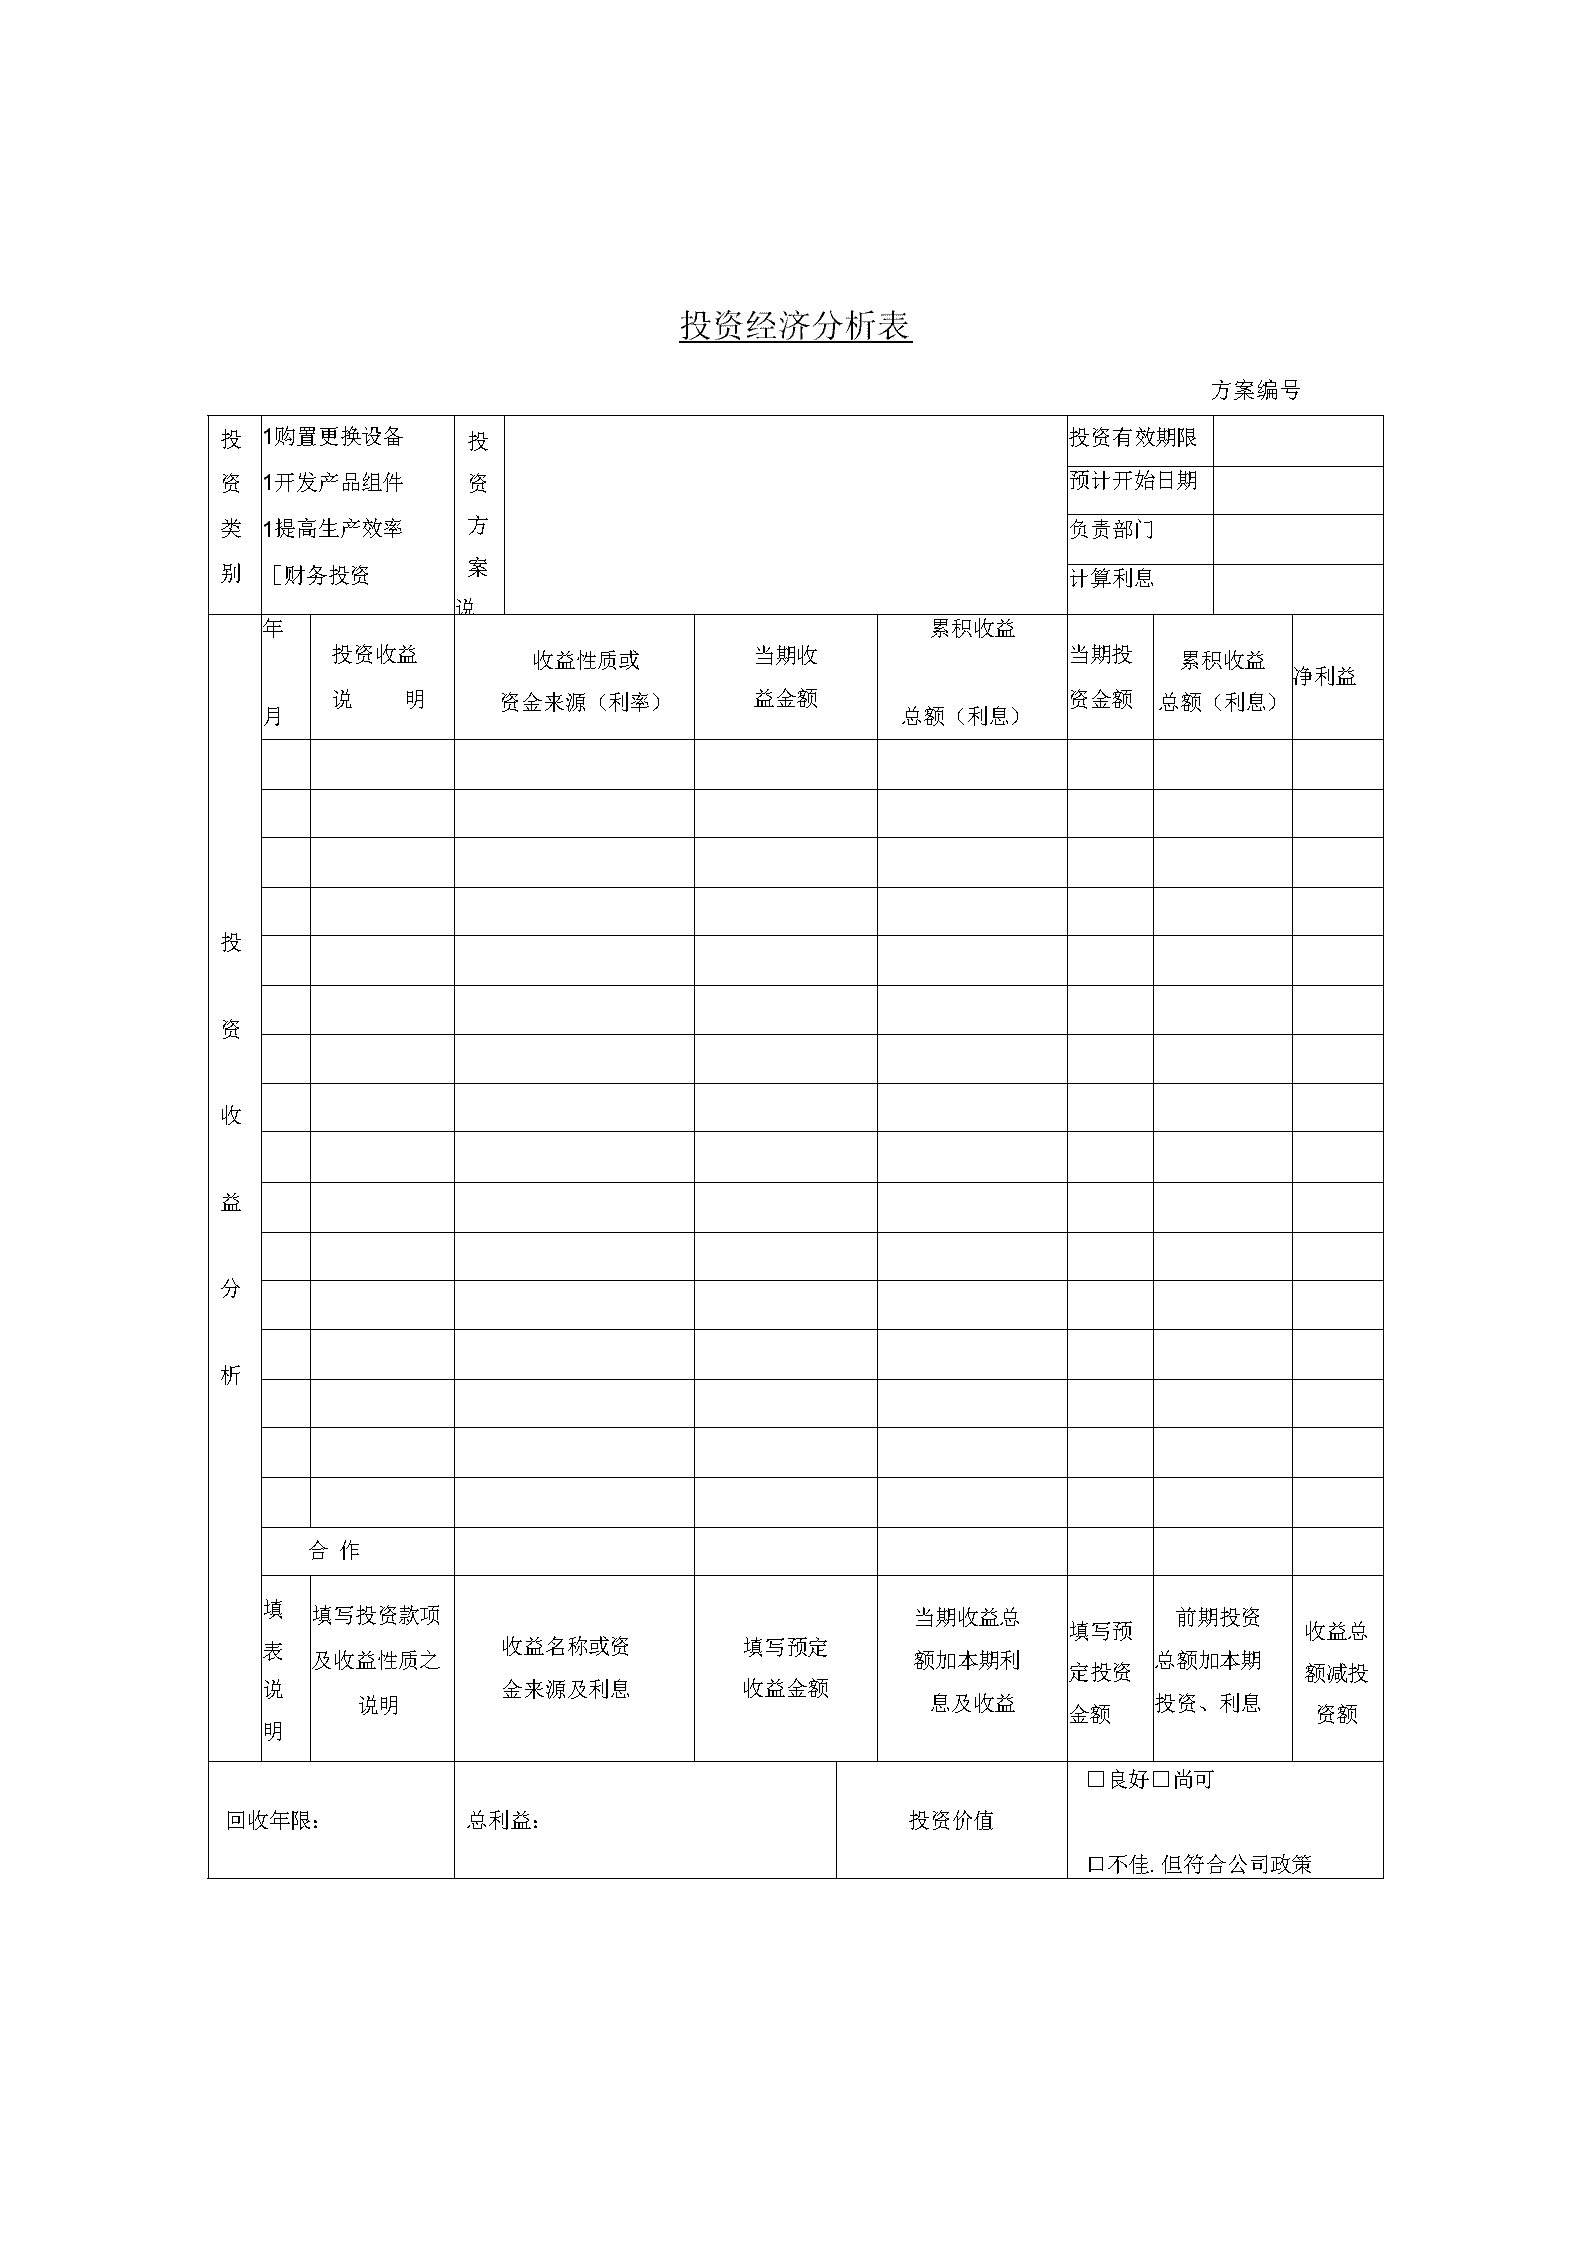 某公司投资经济分析记录表.docx